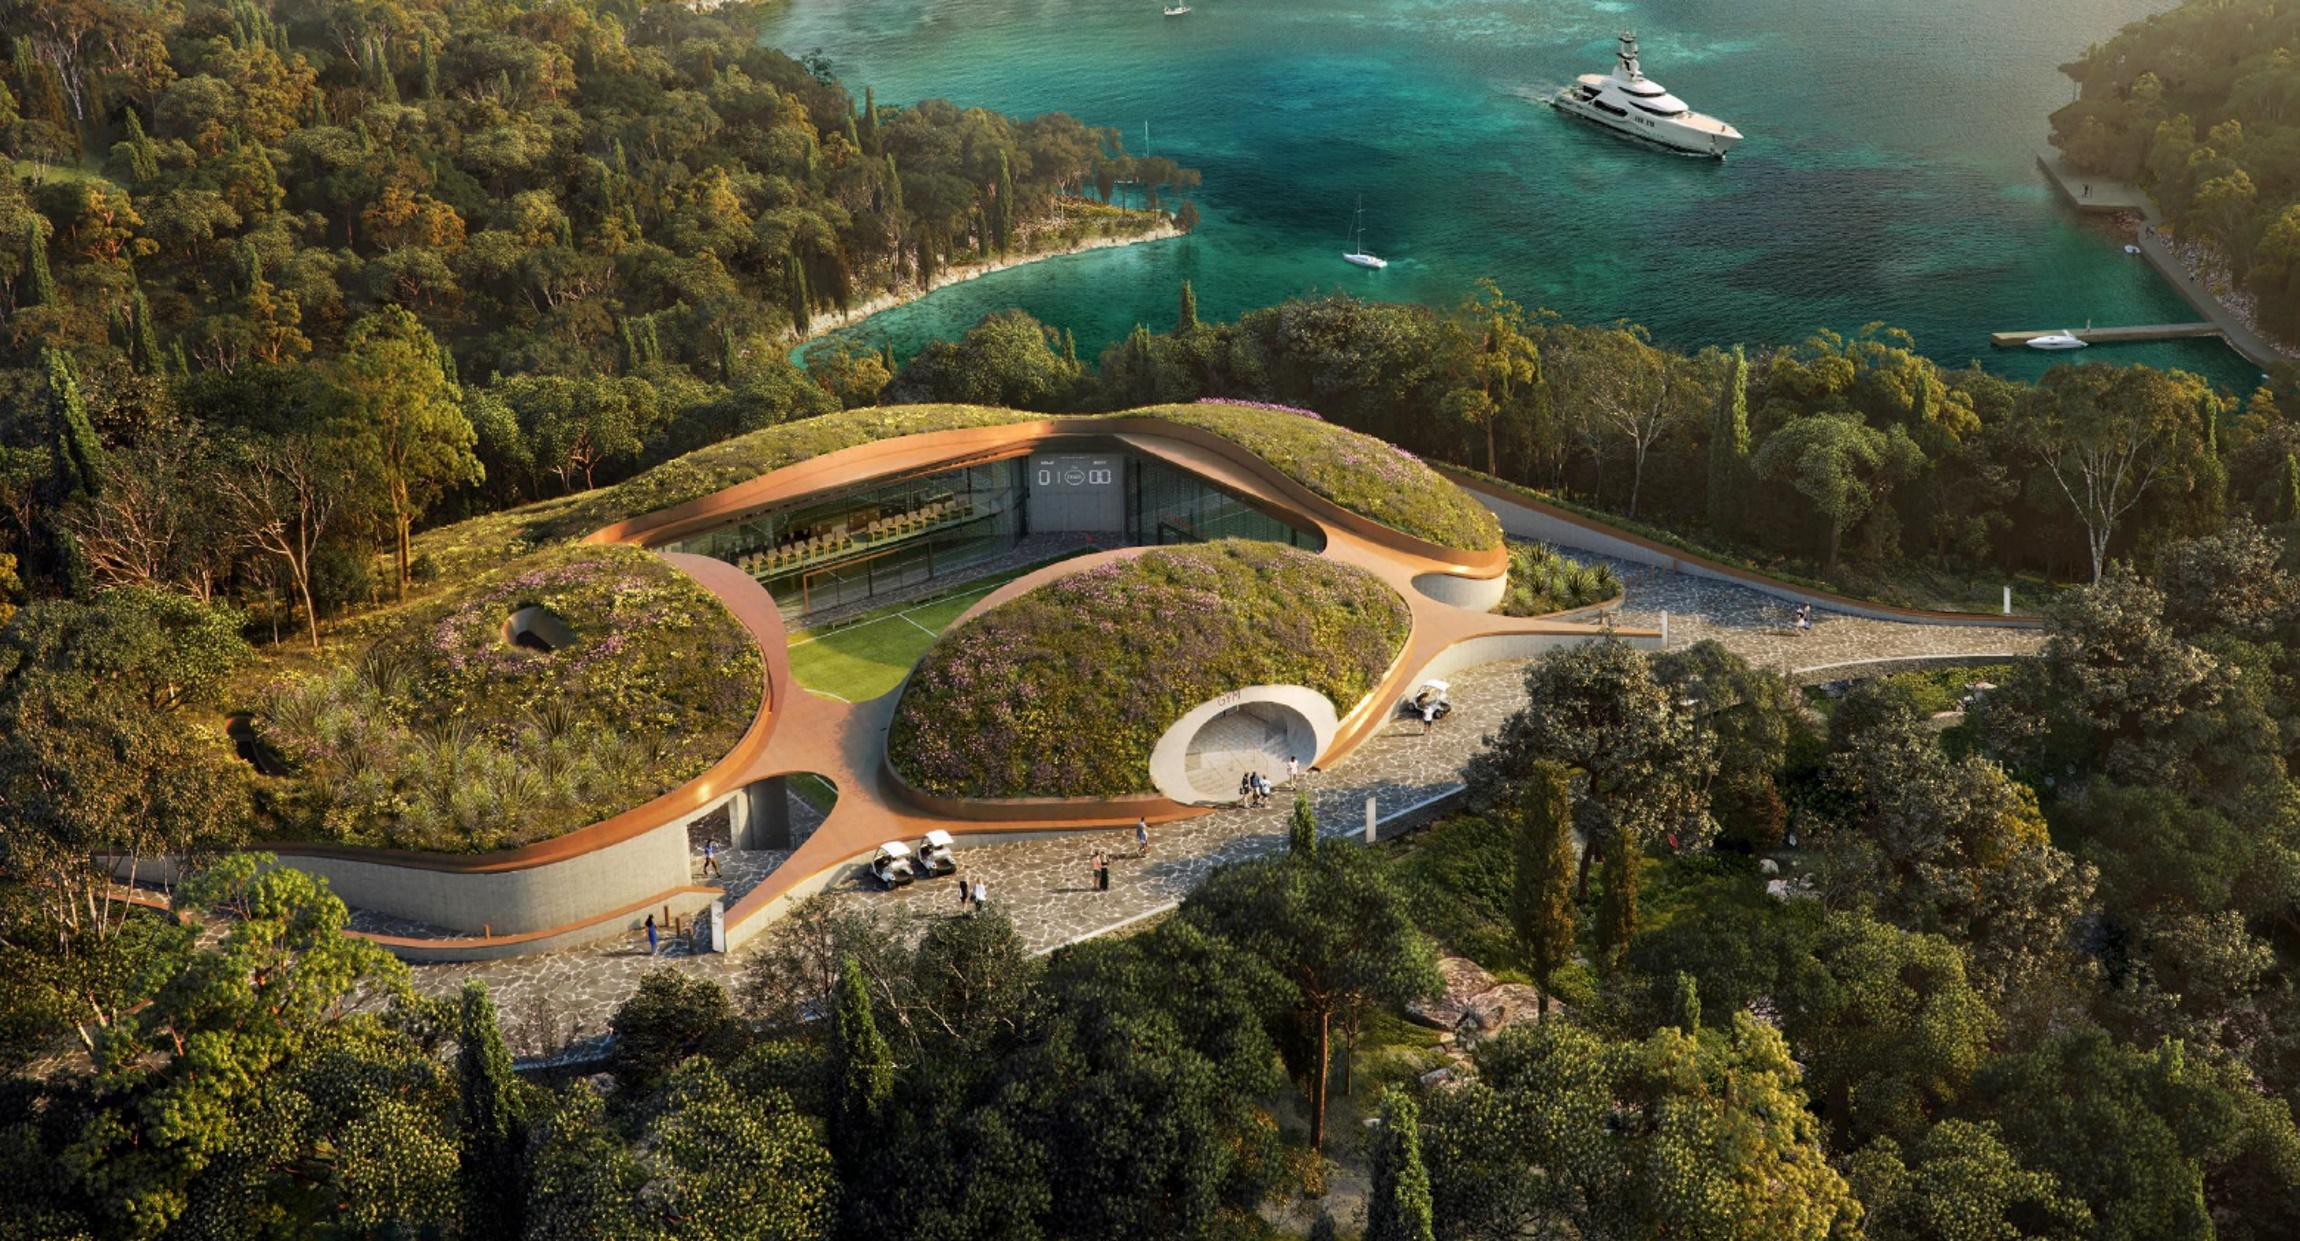 Ιδού ο νέος Σκορπιός: Το σχέδιο για τη μεταμόρφωση του θρυλικού νησιού σε VIP προορισμό